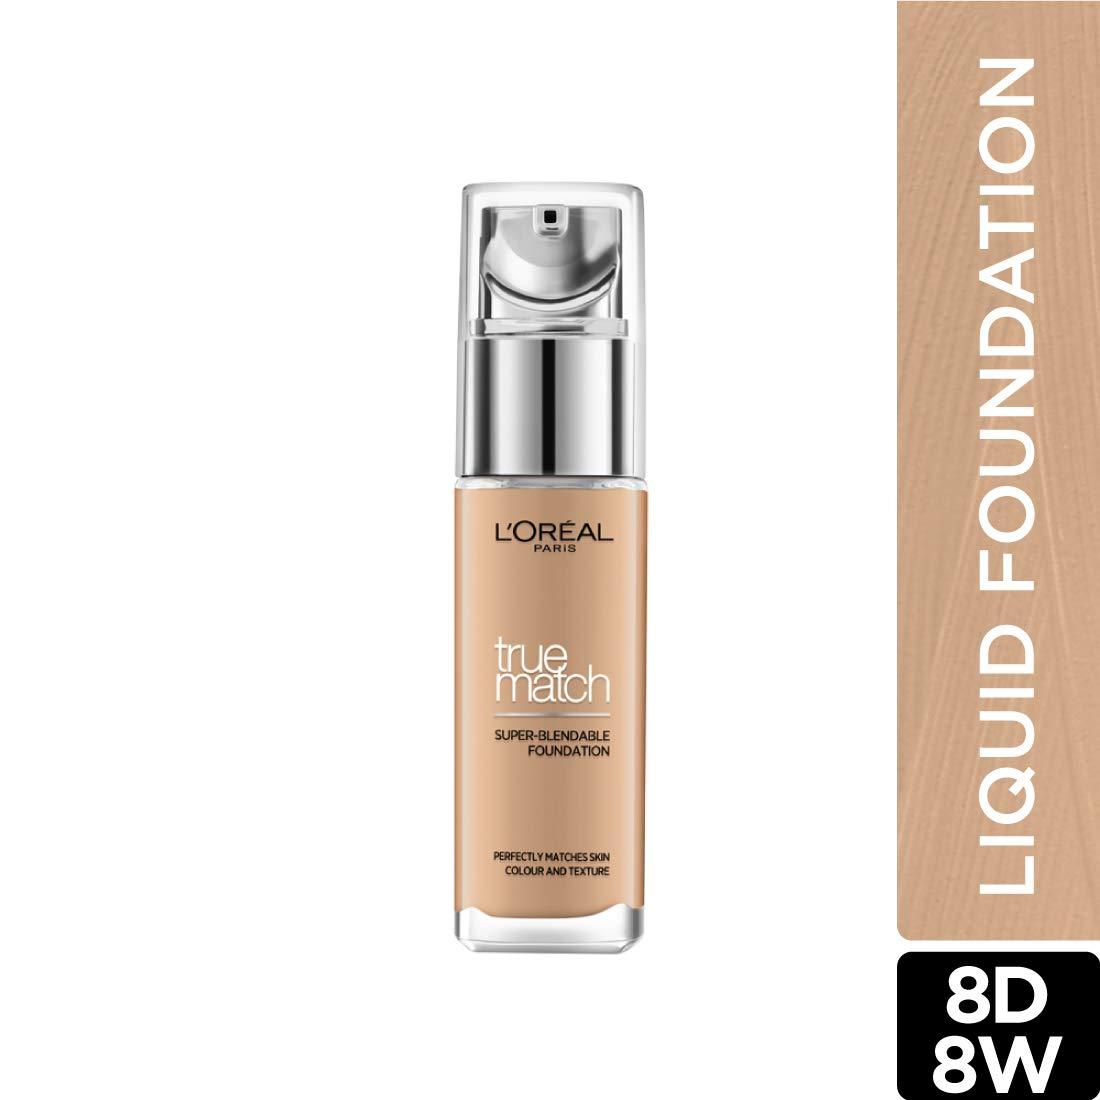 L'Oreal Paris True Match Super Blendable Liquid Foundation Golden  Cappuccino 8D8W, 30ml